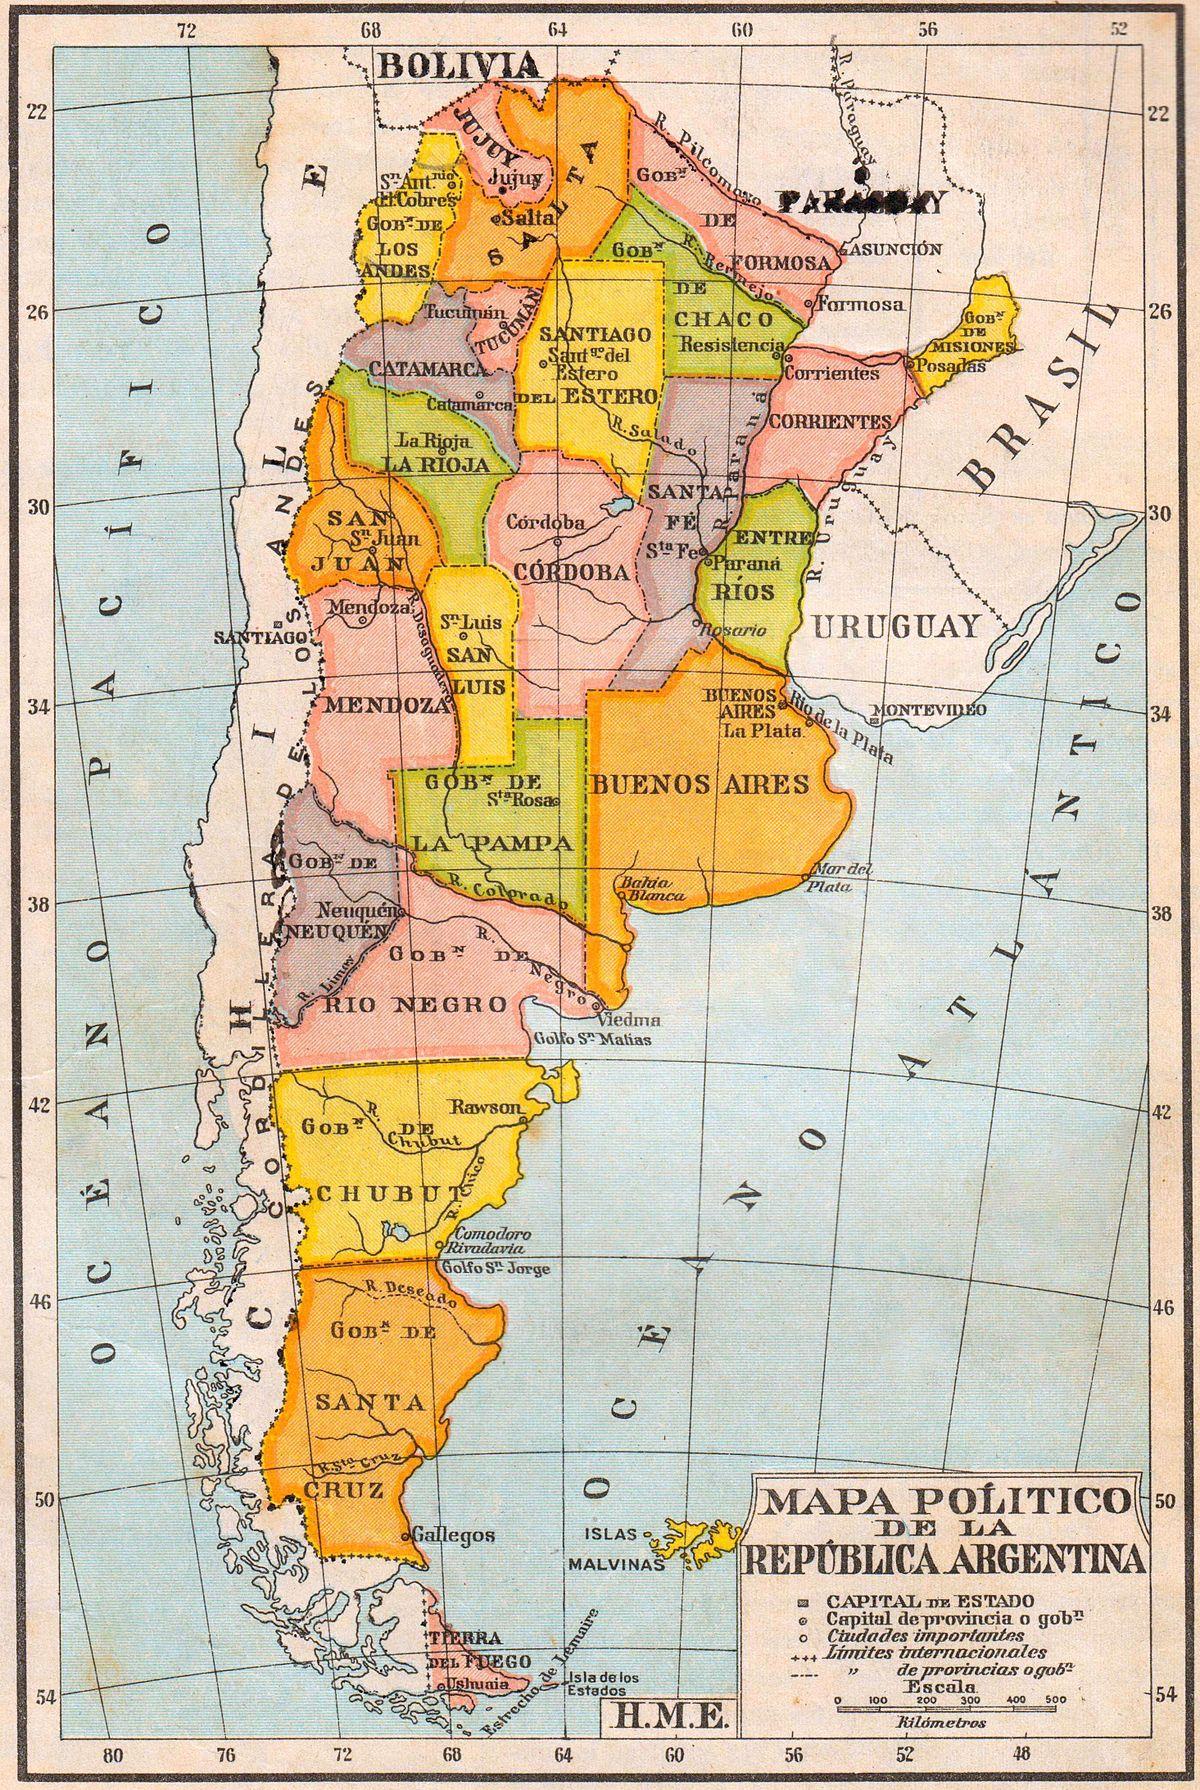 Territorio nacional (Argentina) - Wikipedia, la